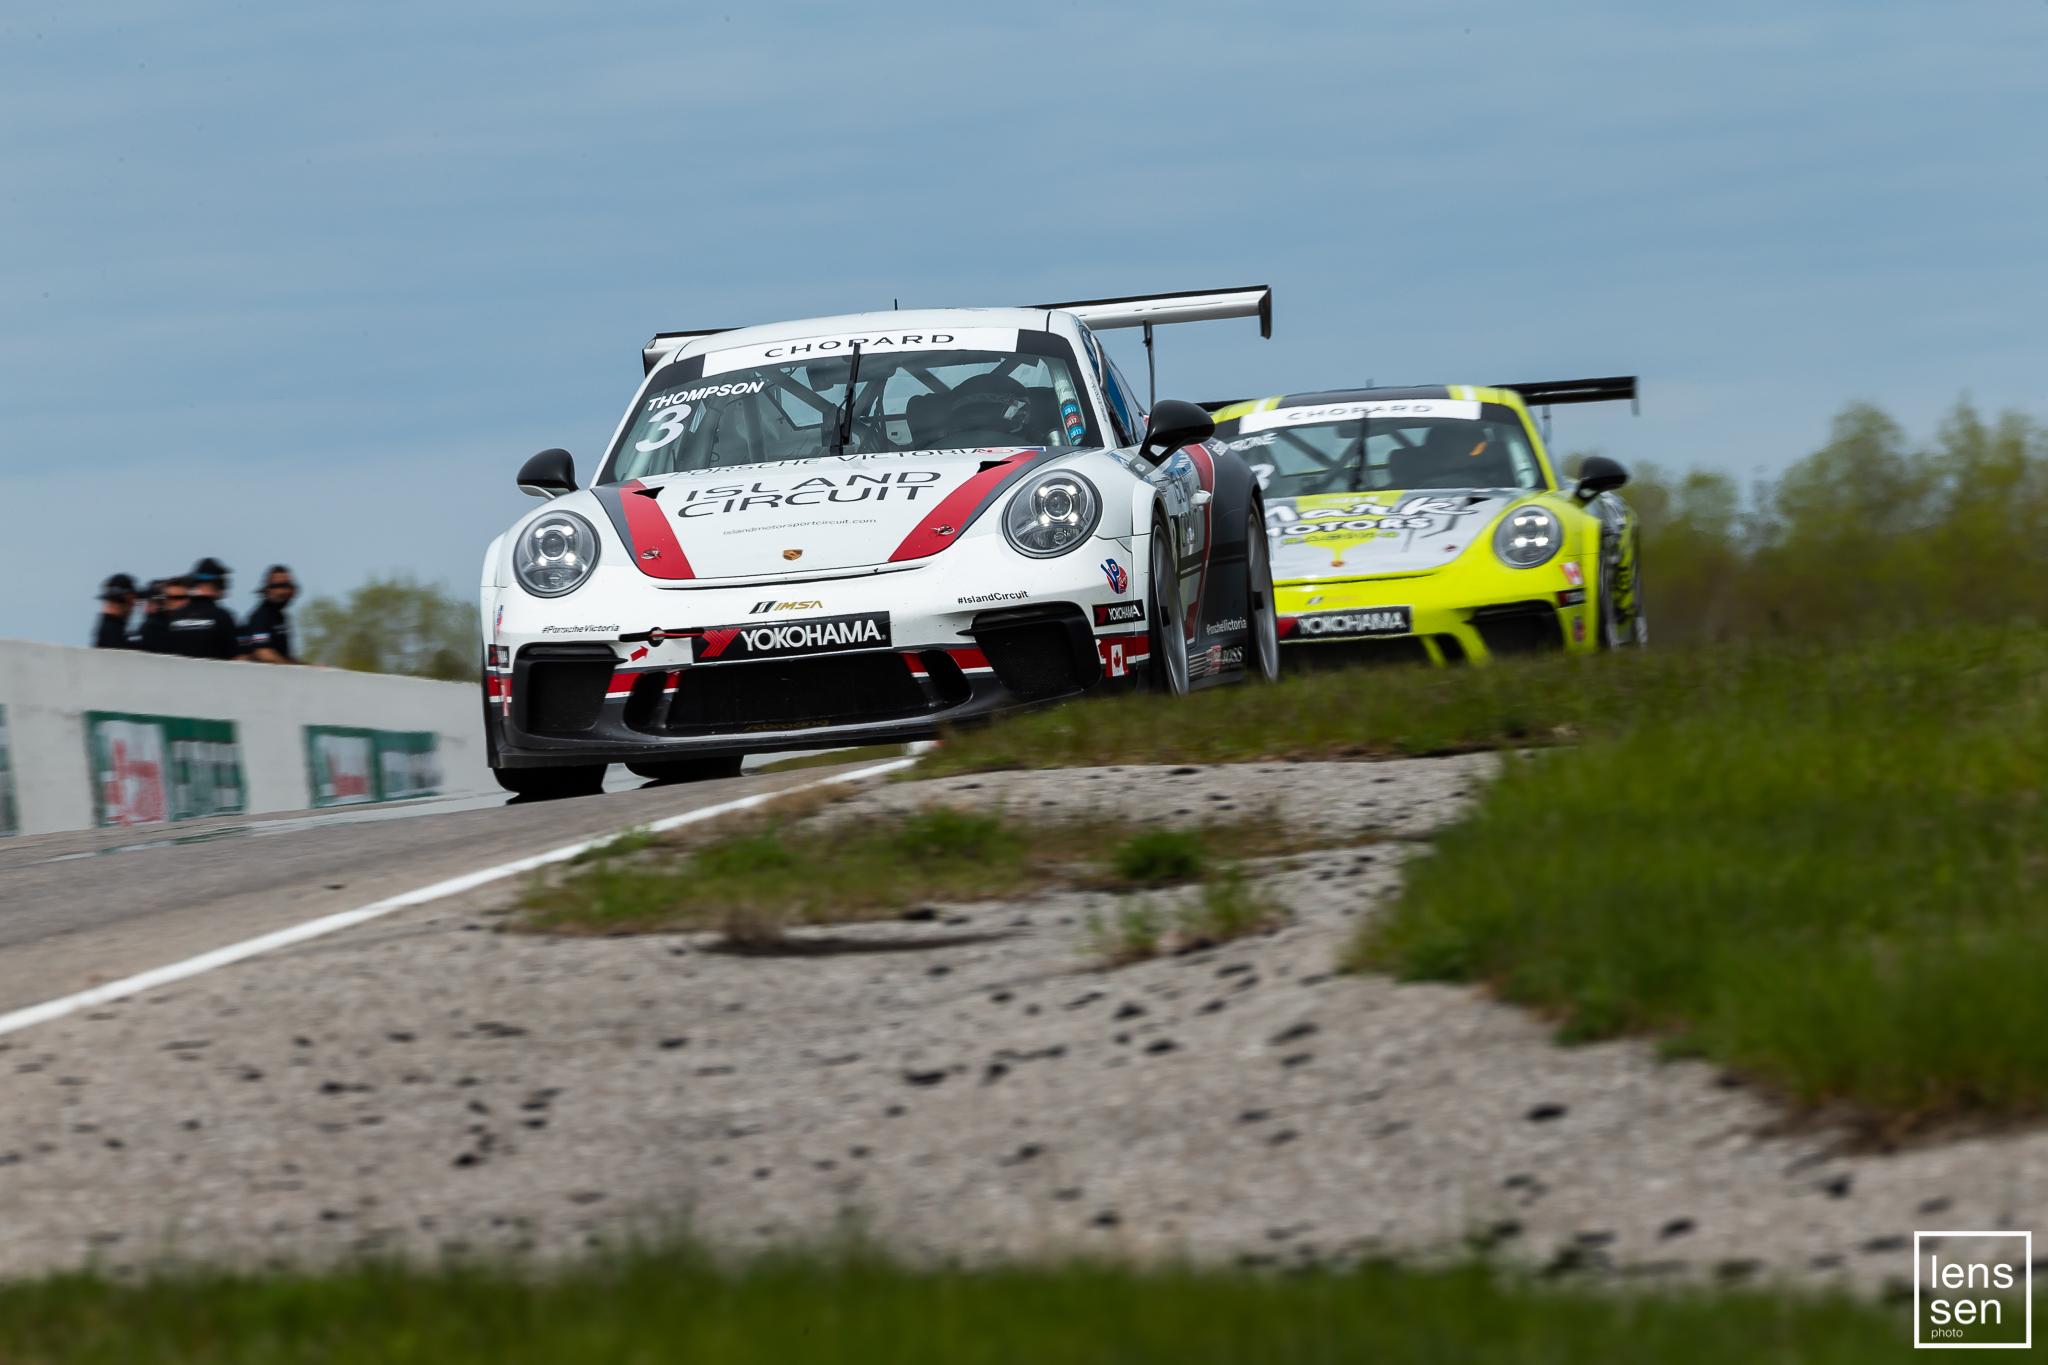 Porsche GT3 Cup Challenge Canada - 052019 - CTMP Mosport VDS 2019 - Lenssen Photo - 157 -8400.jpg